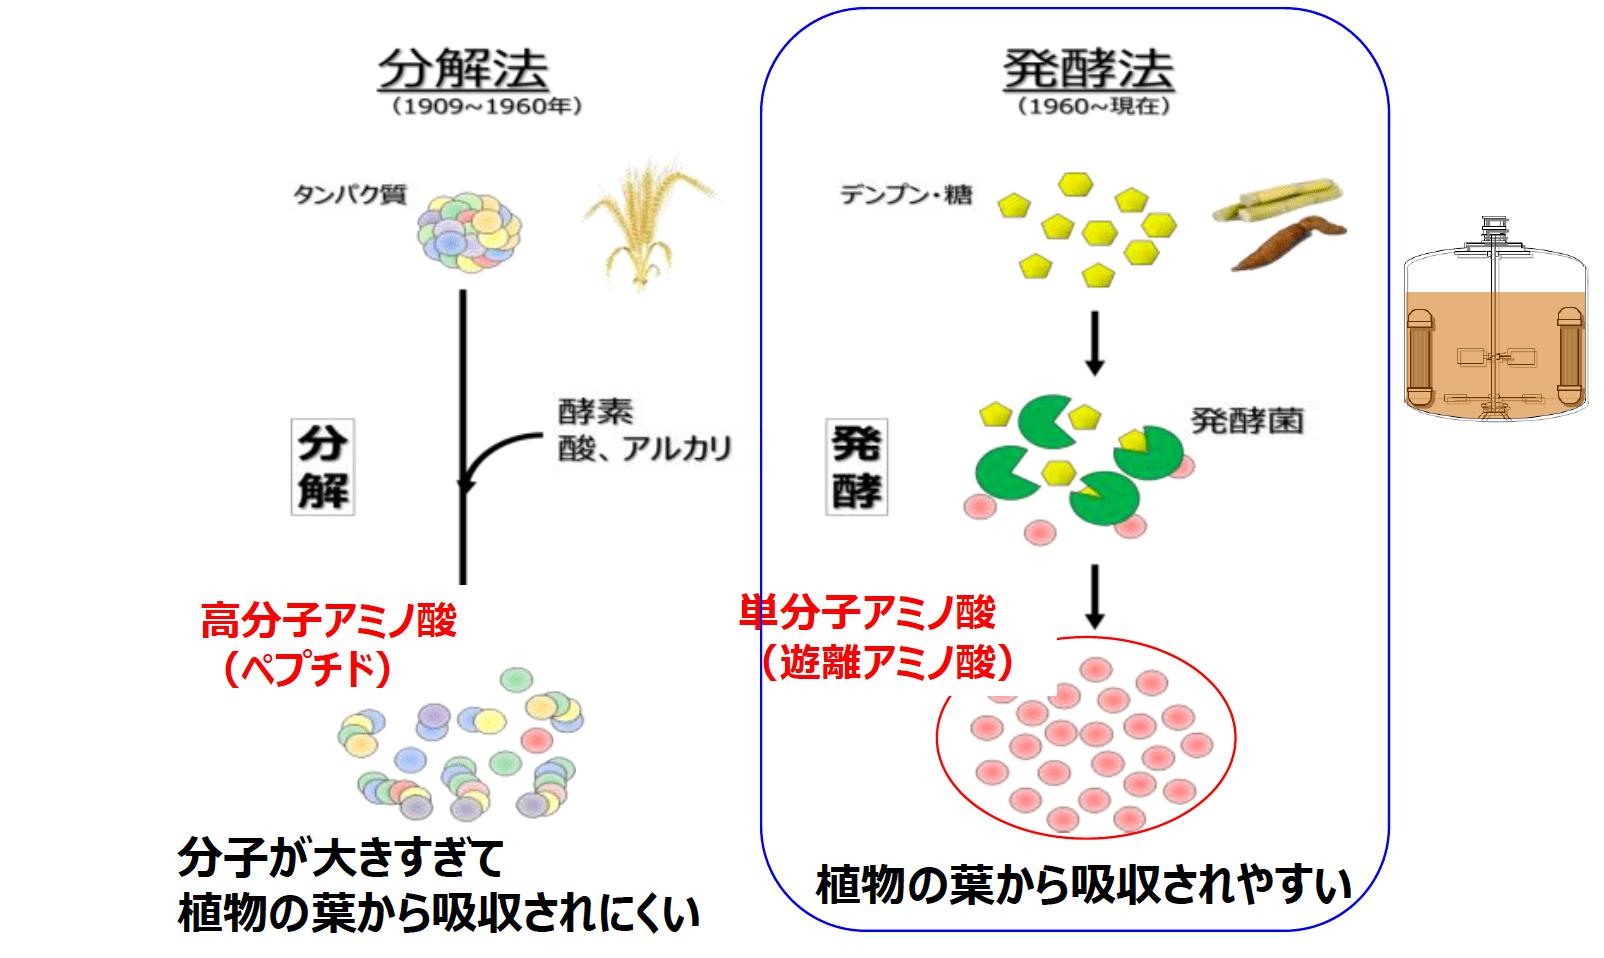 分解法と発酵法の図